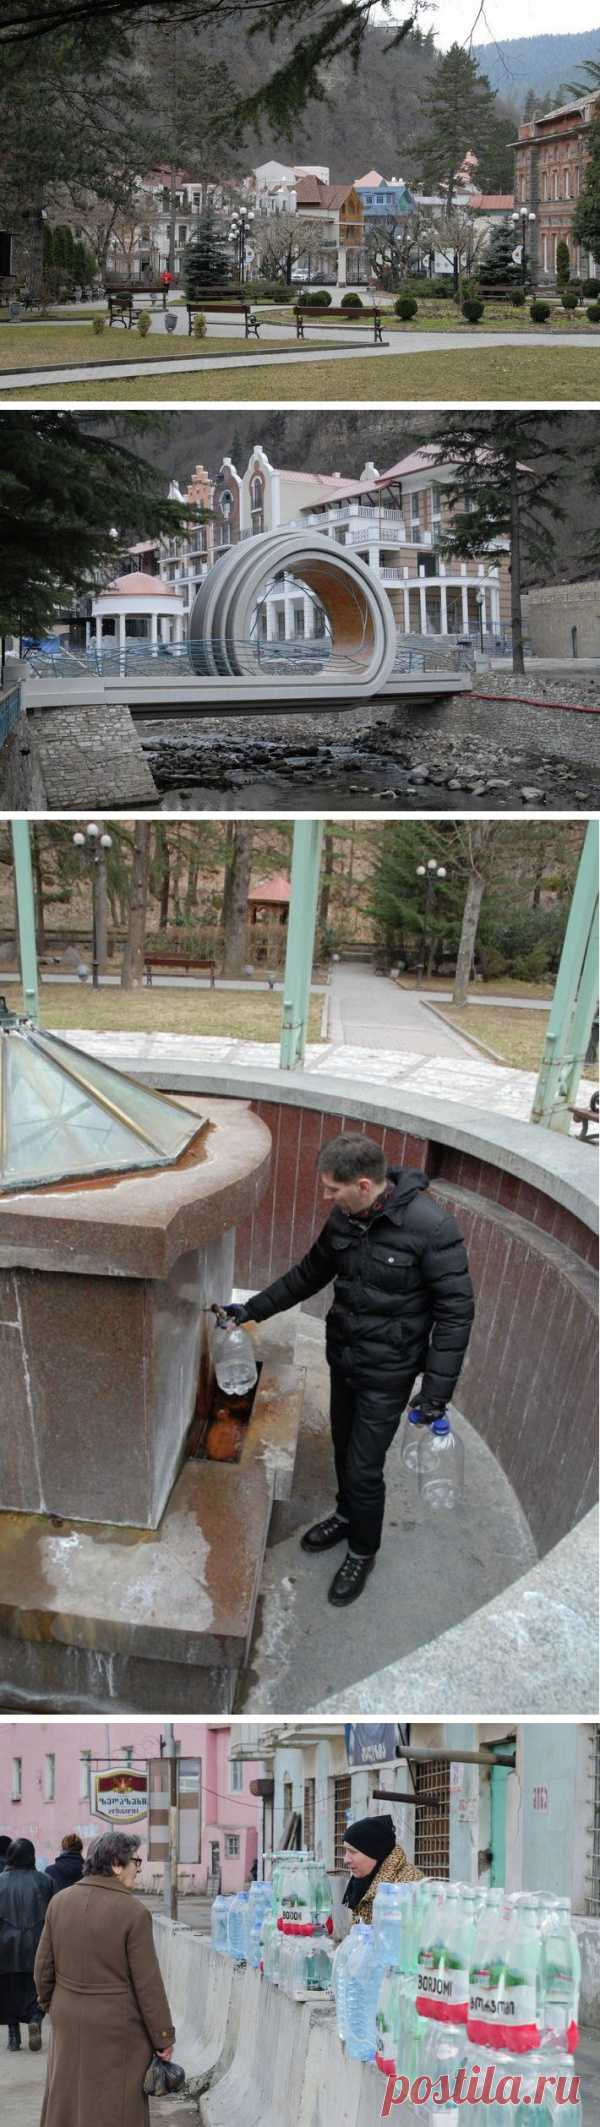 Где отдохнуть и поправить здоровье? Минеральные источники и горный воздух. Город-курорт Боржоми, Грузия. (7 апреля - Всемирный день здоровья)